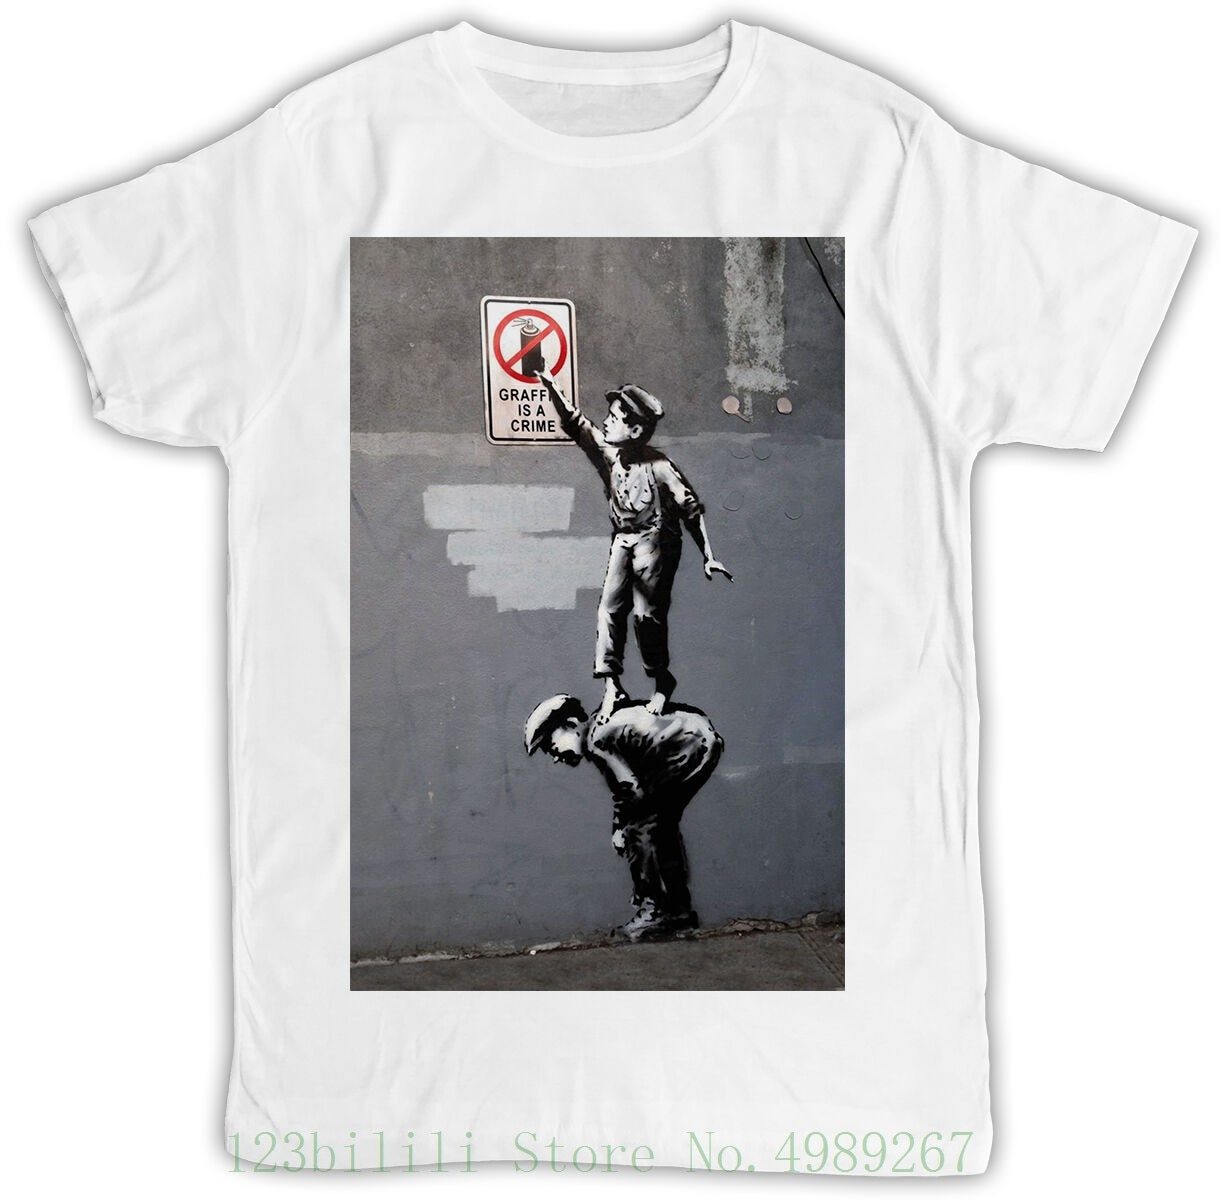 Camiseta Unisex de Banksy Graffiti es un regalo Ideal para el crimen, regalo Retro fresco para hombres, camiseta nueva 2019, camiseta para hombres